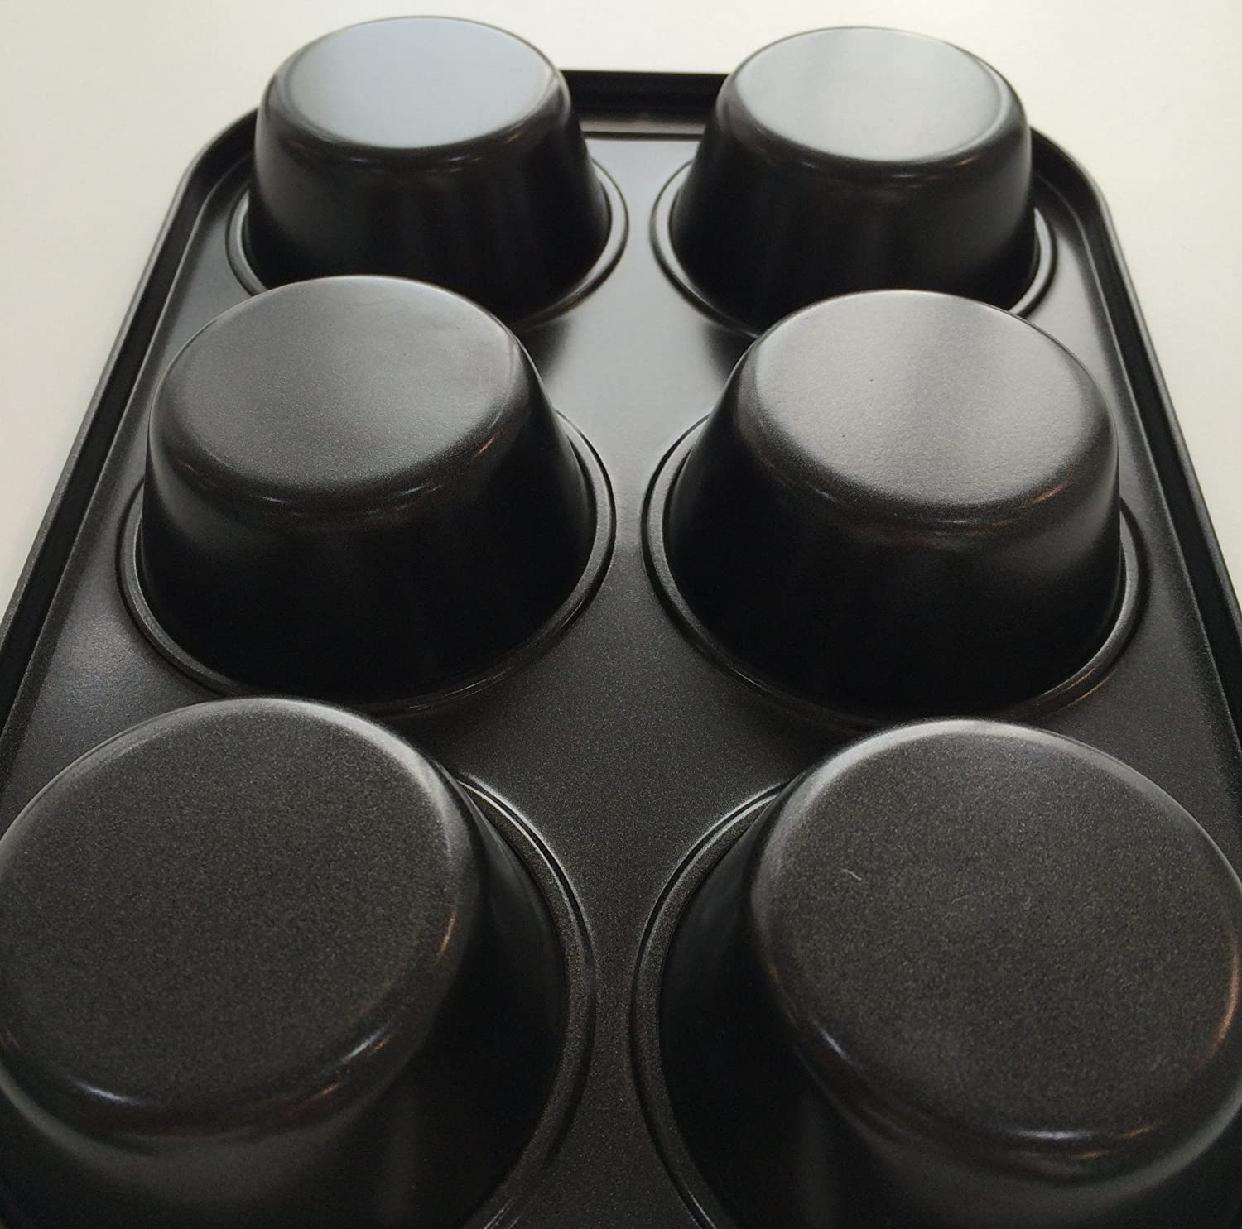 EEスイーツ(イーイースイーツ)マフィン型 D-4838 ブラックの商品画像6